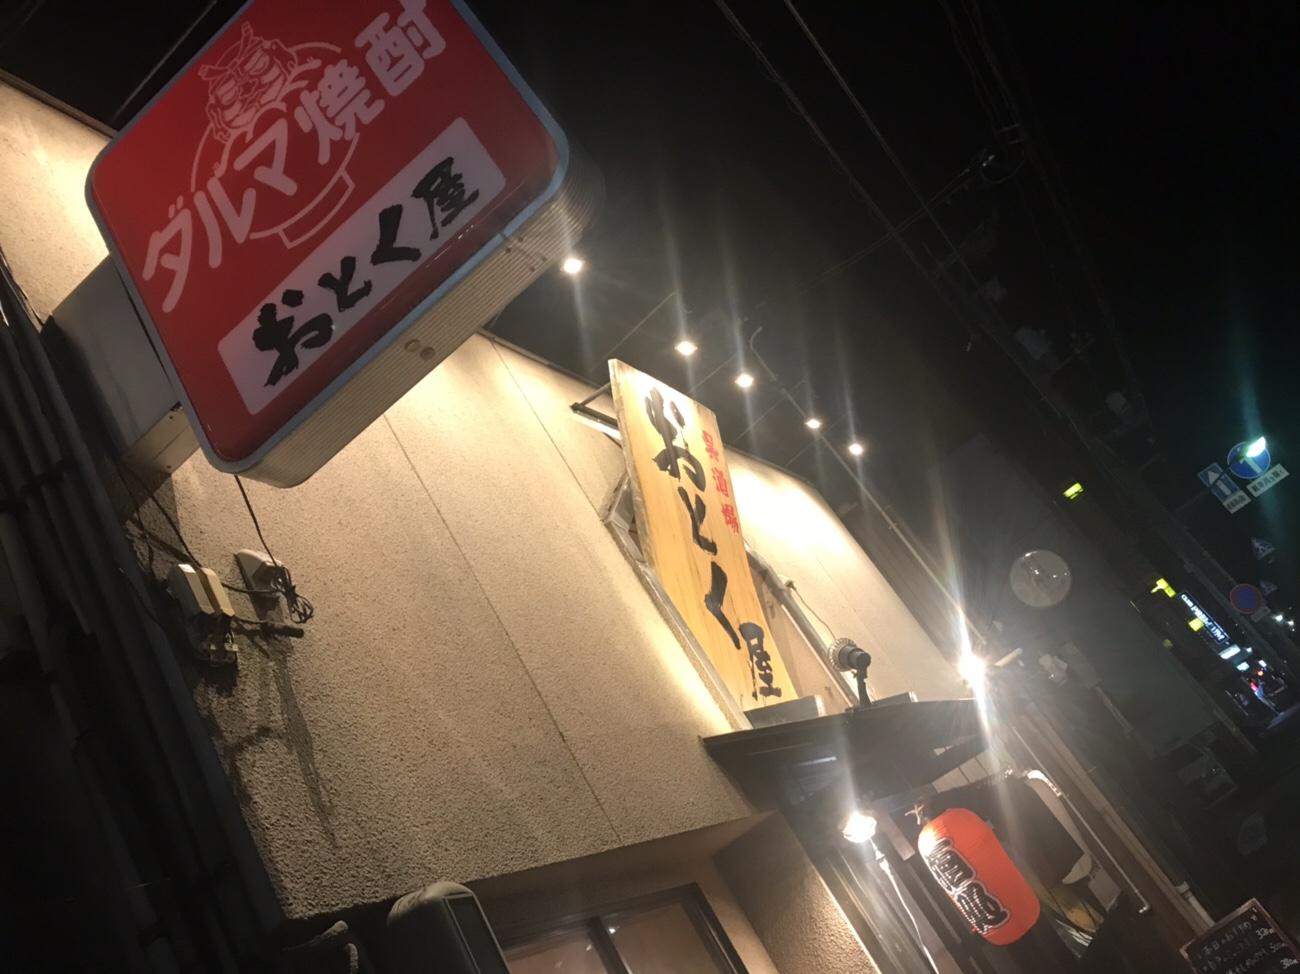 呉グルメ ご当地グルメ食べ歩き3軒目 おとく屋